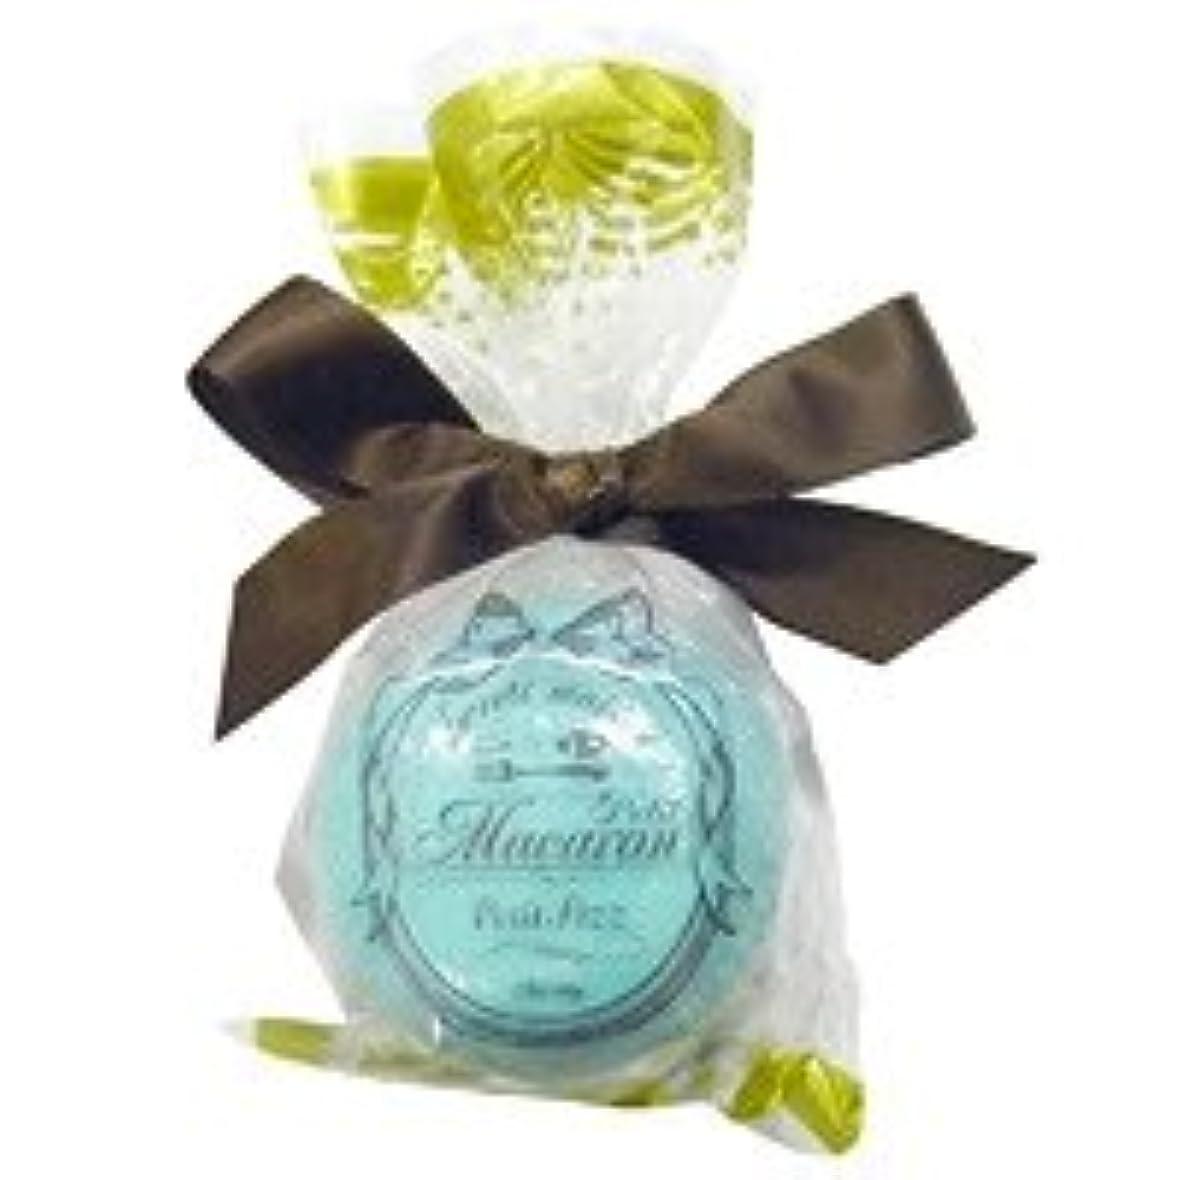 販売員感じる刺繍スウィーツメゾン プチマカロンフィズ「ターコイズ」12個セット 香り豊かなグリーンティの香り